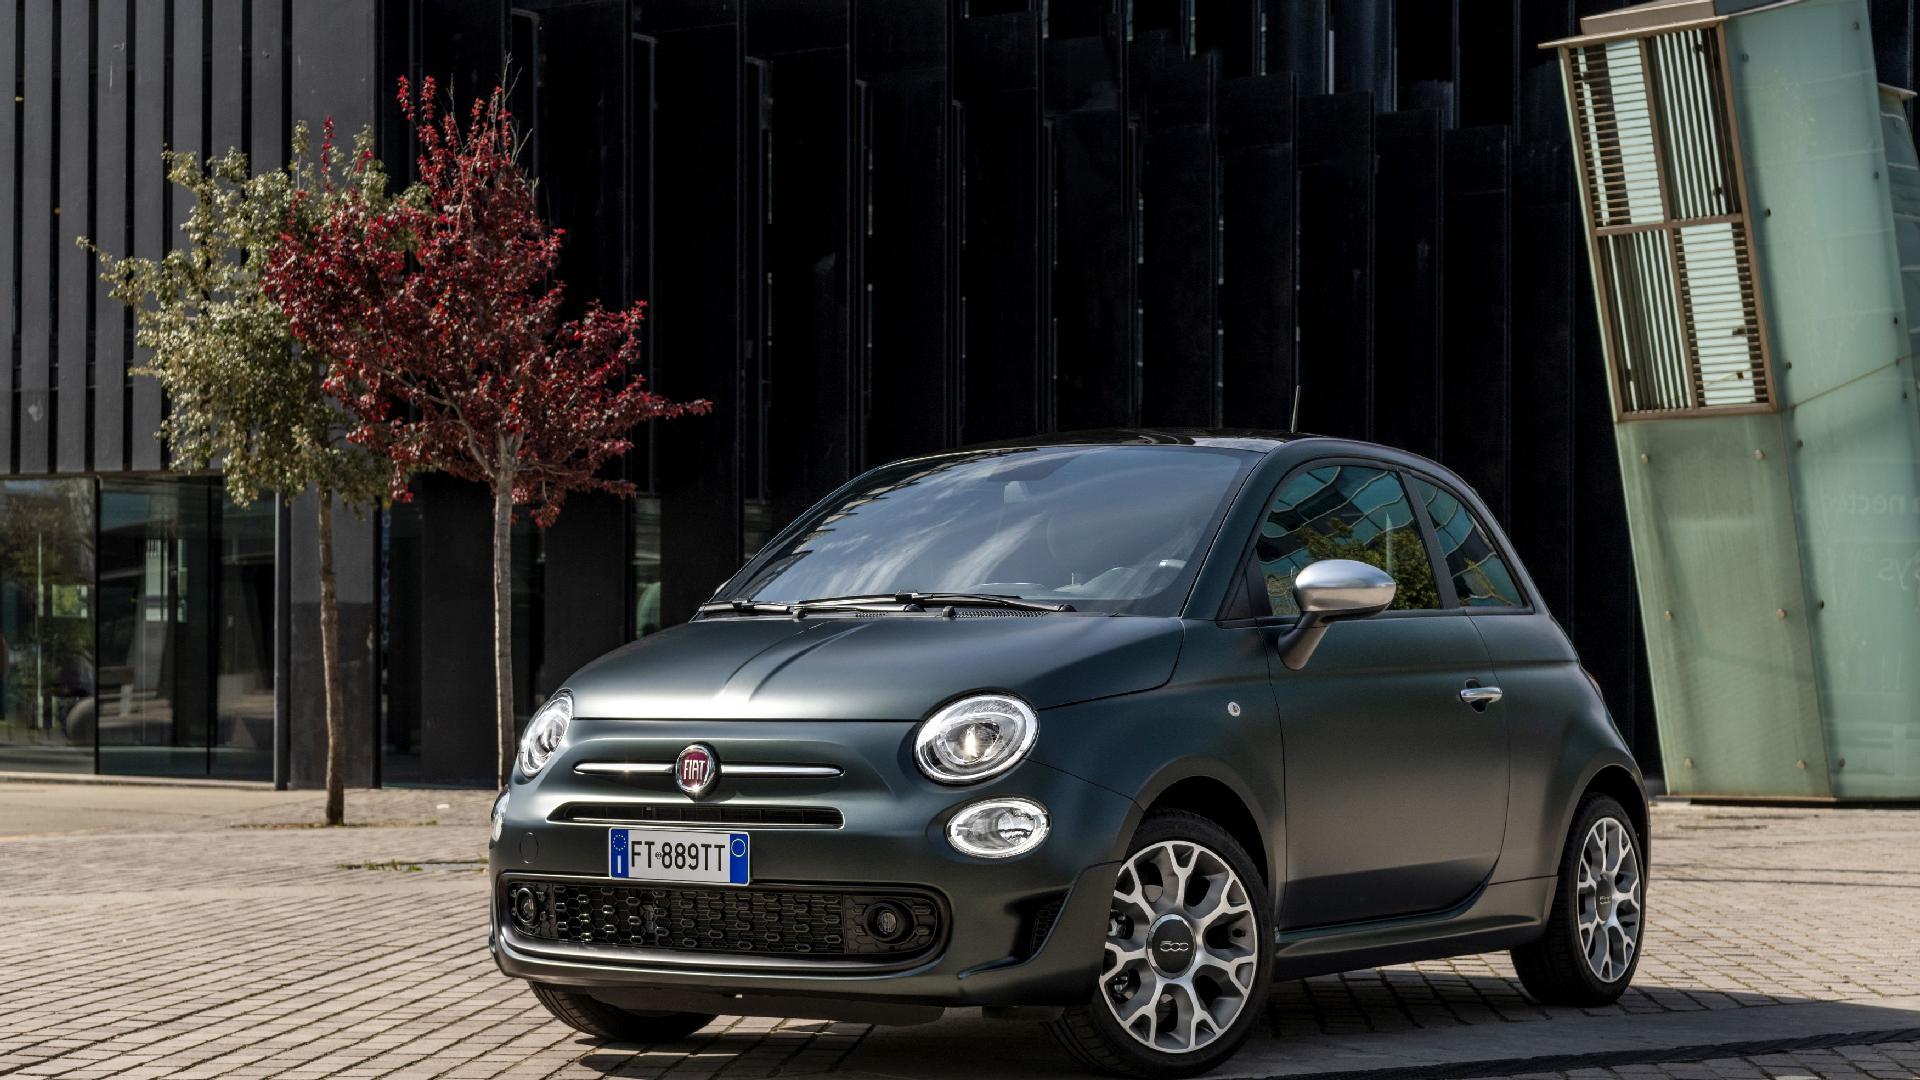 FIAT 500 1.2 Mirror Dualogic